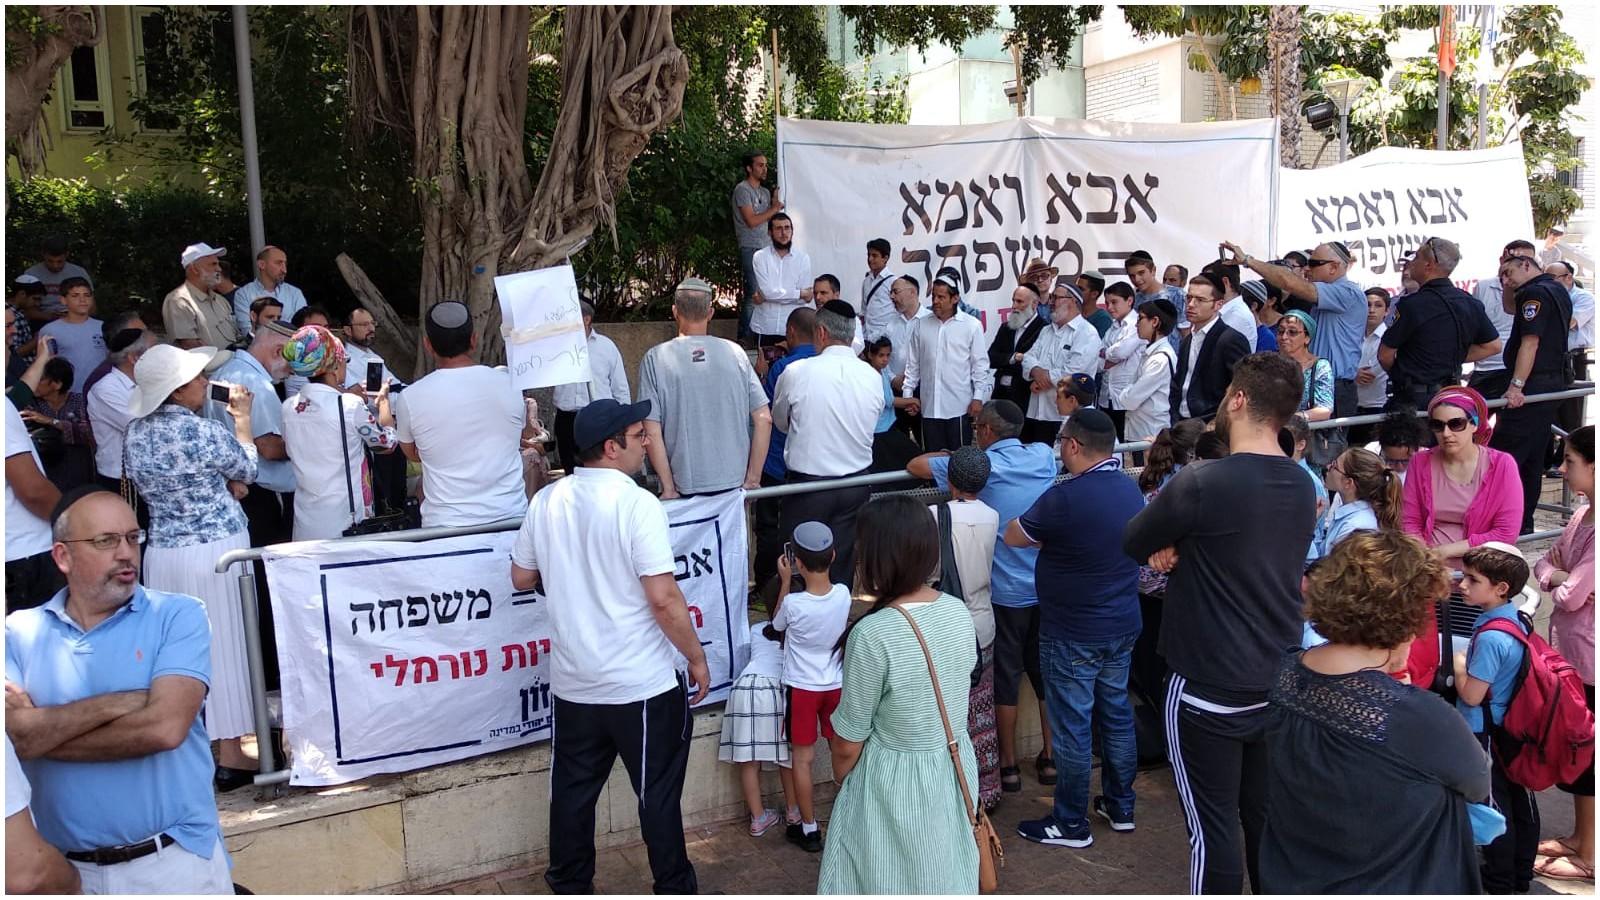 הפגנה נגד קיום מצעד הגאווה ליד בניין העירייה. צילום יורם סילברמן